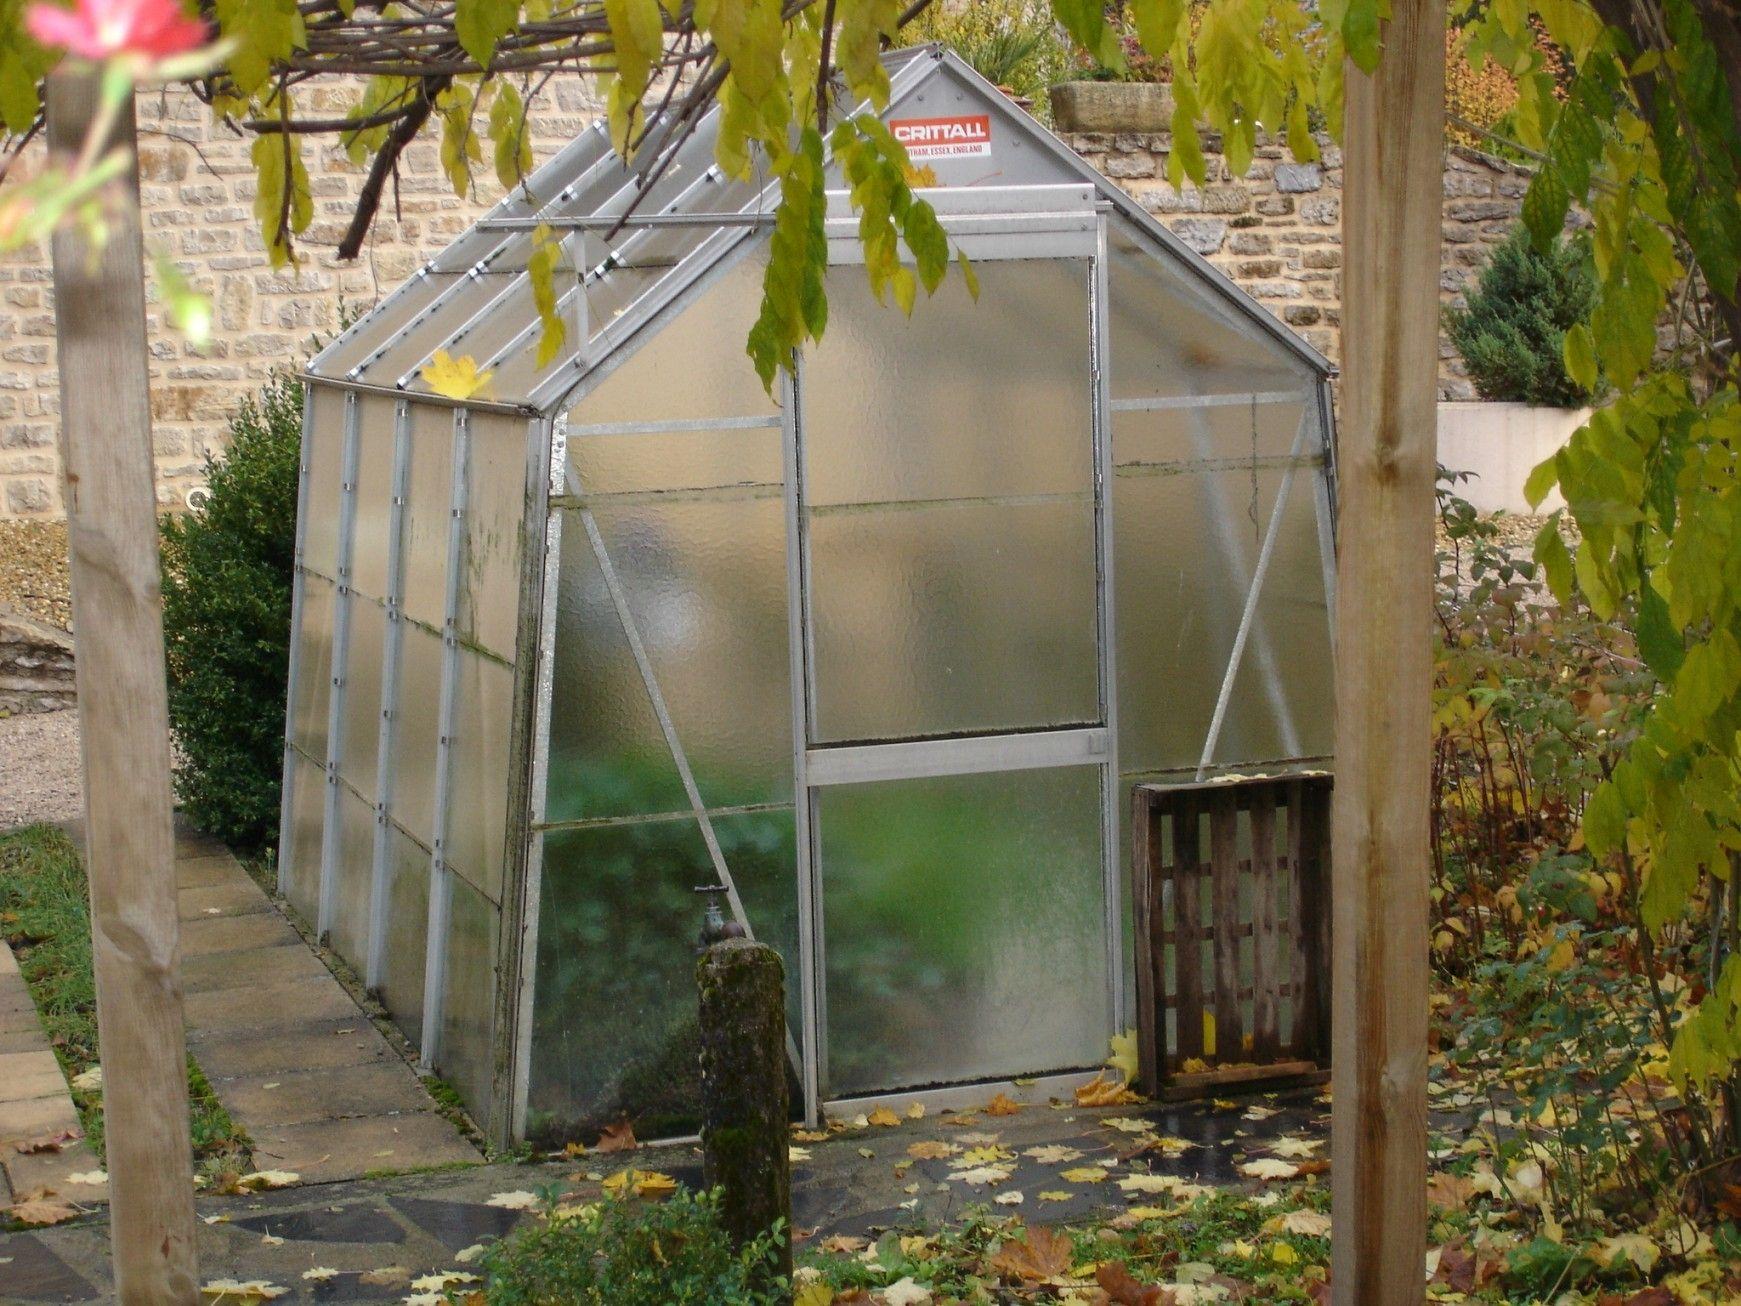 Le Bon Coin Serre De Jardin Serre De Jardin Le Bon Coin Veranda Et Abri Jardin A Le Bon Coi Di 2020